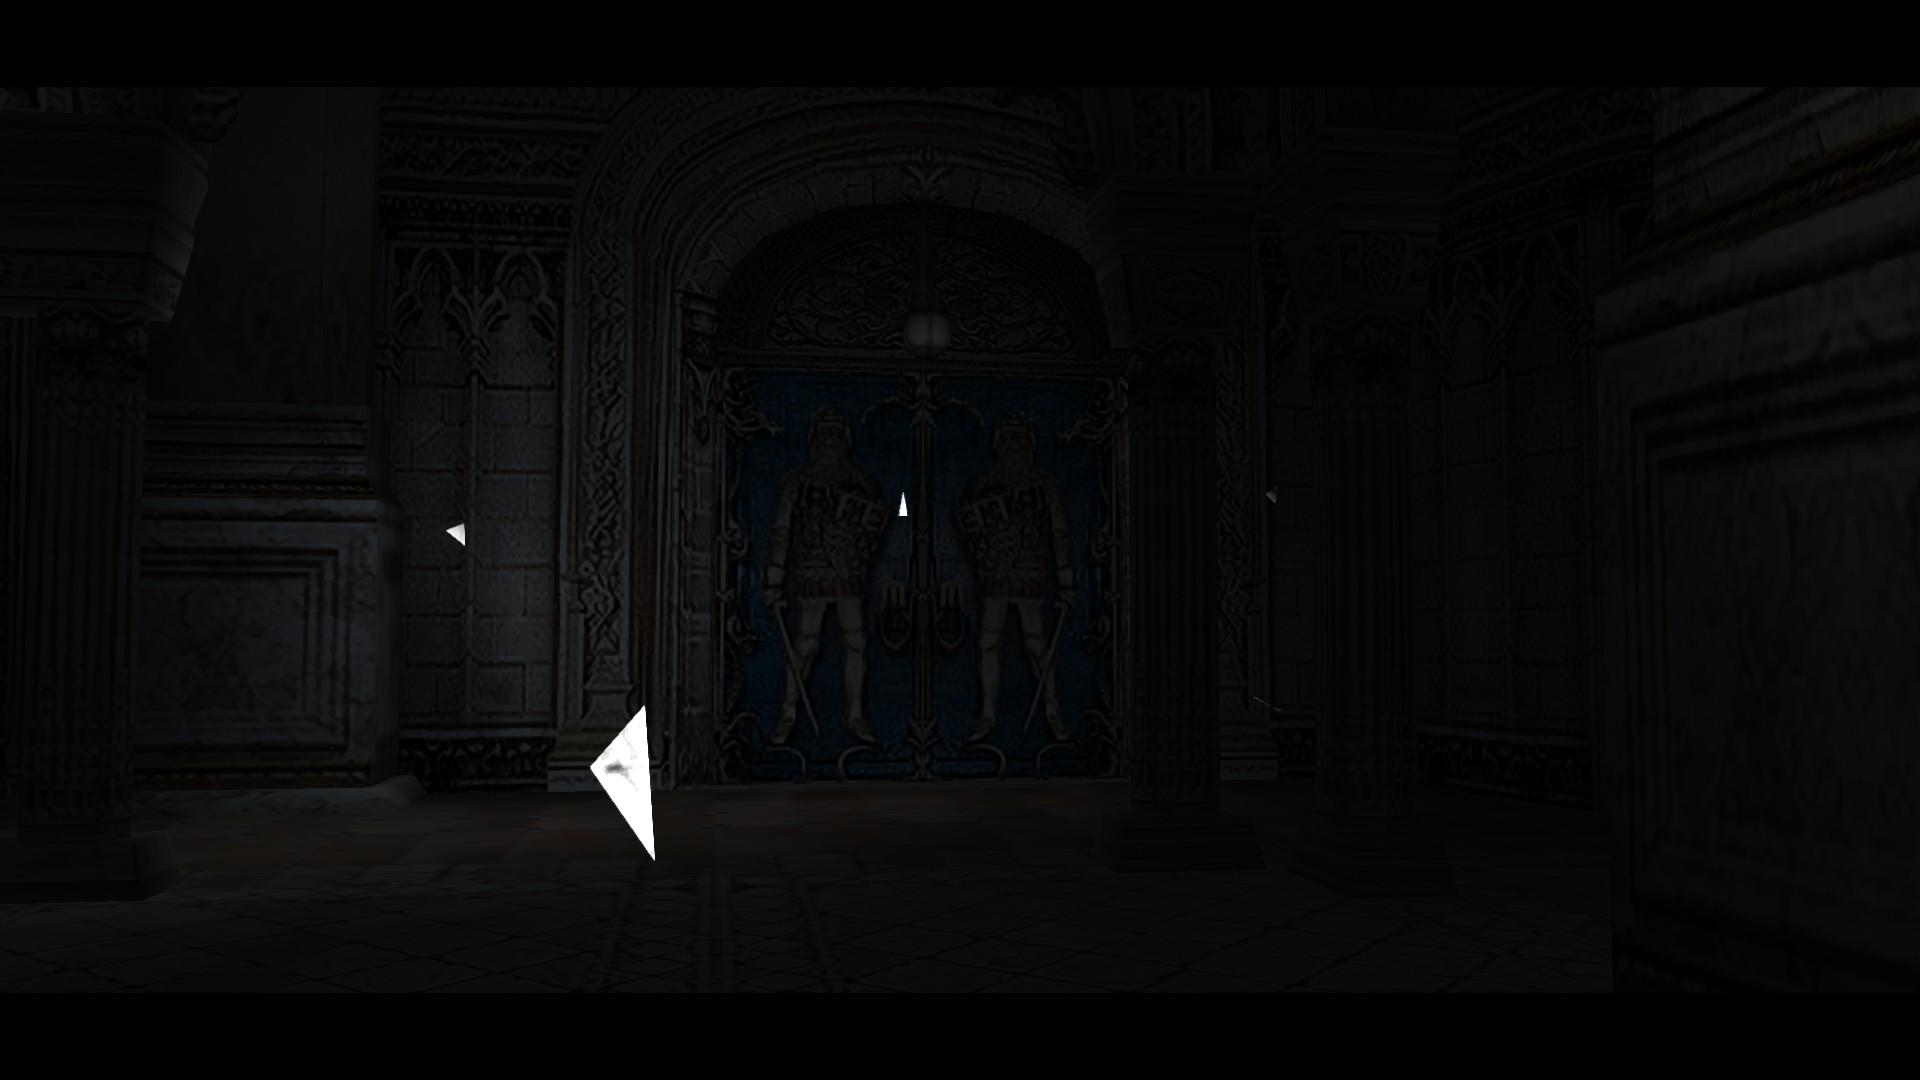 Пост-прохождение Devil May Cry Часть 6. - Изображение 17